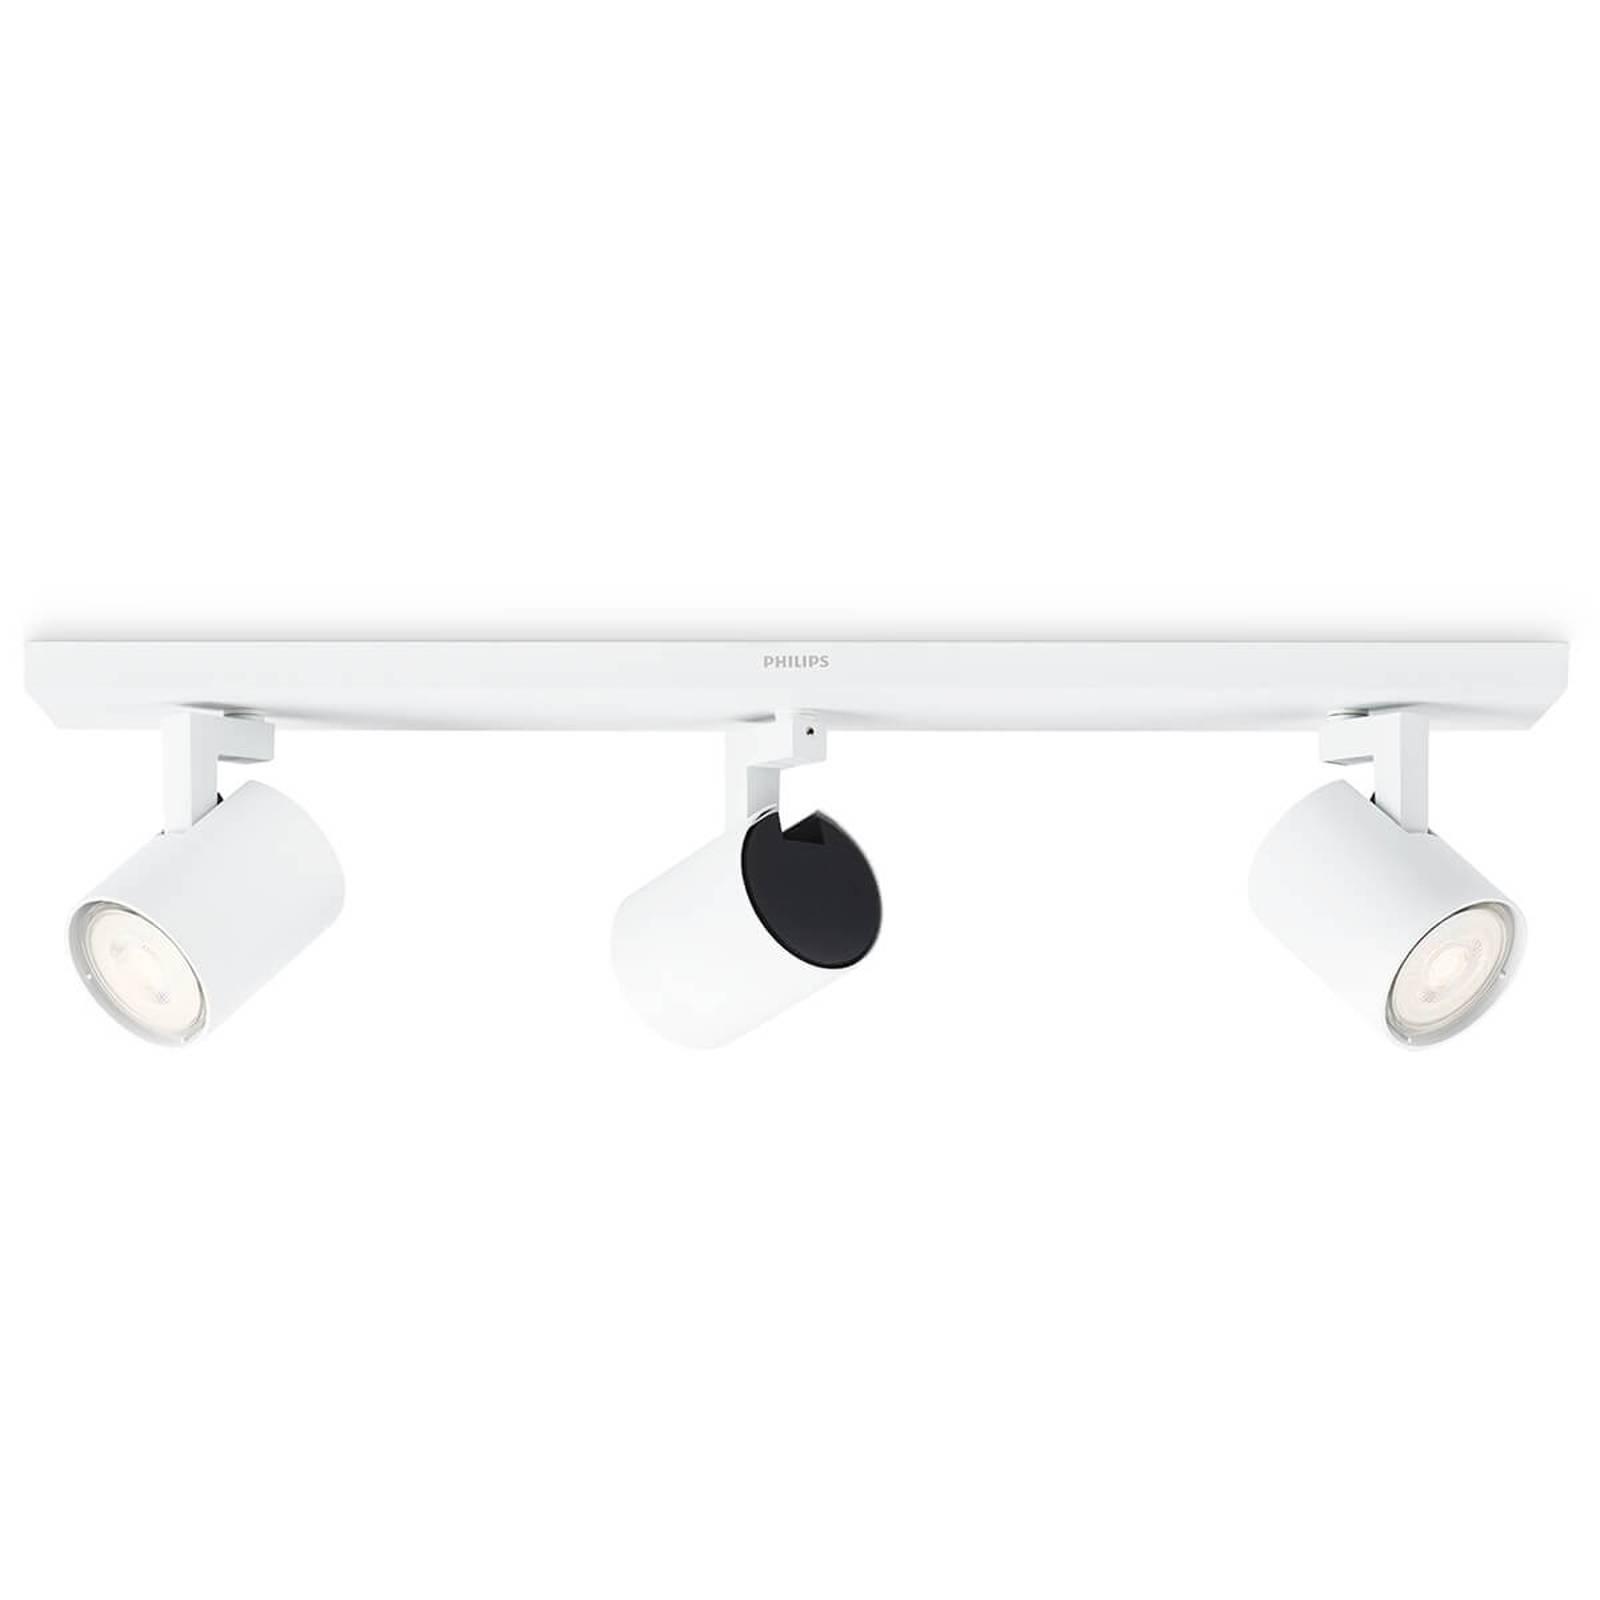 Philips Runner LED-taklampe hvit 3 lyskilder